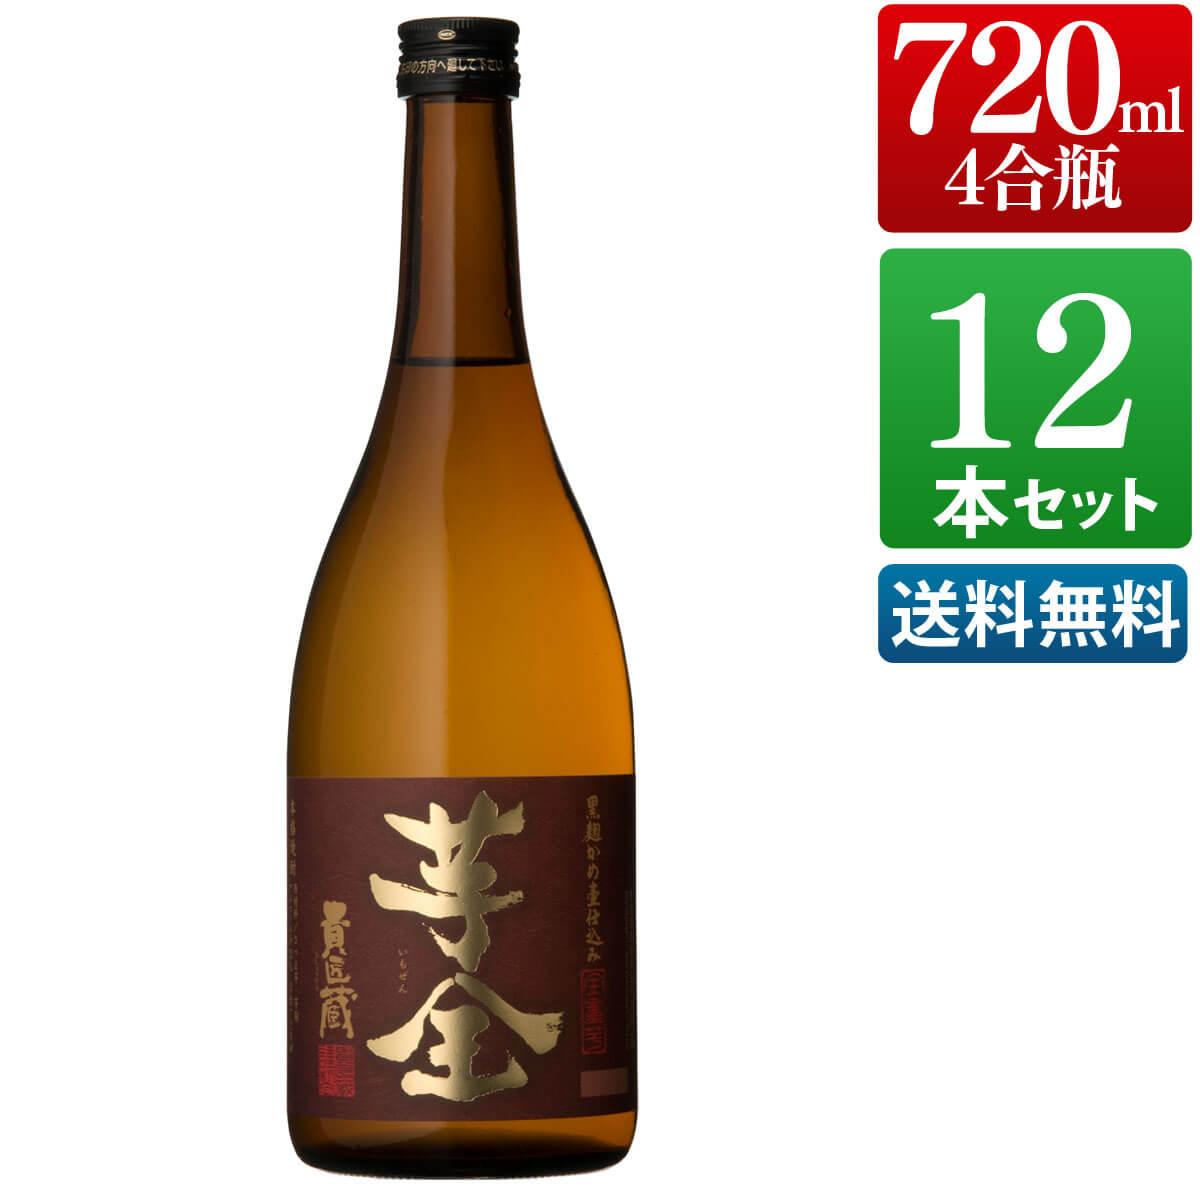 芋焼酎 12本セット 芋全貴匠蔵 25度 720ml [ 本坊酒造 芋焼酎 / 送料無料 ]